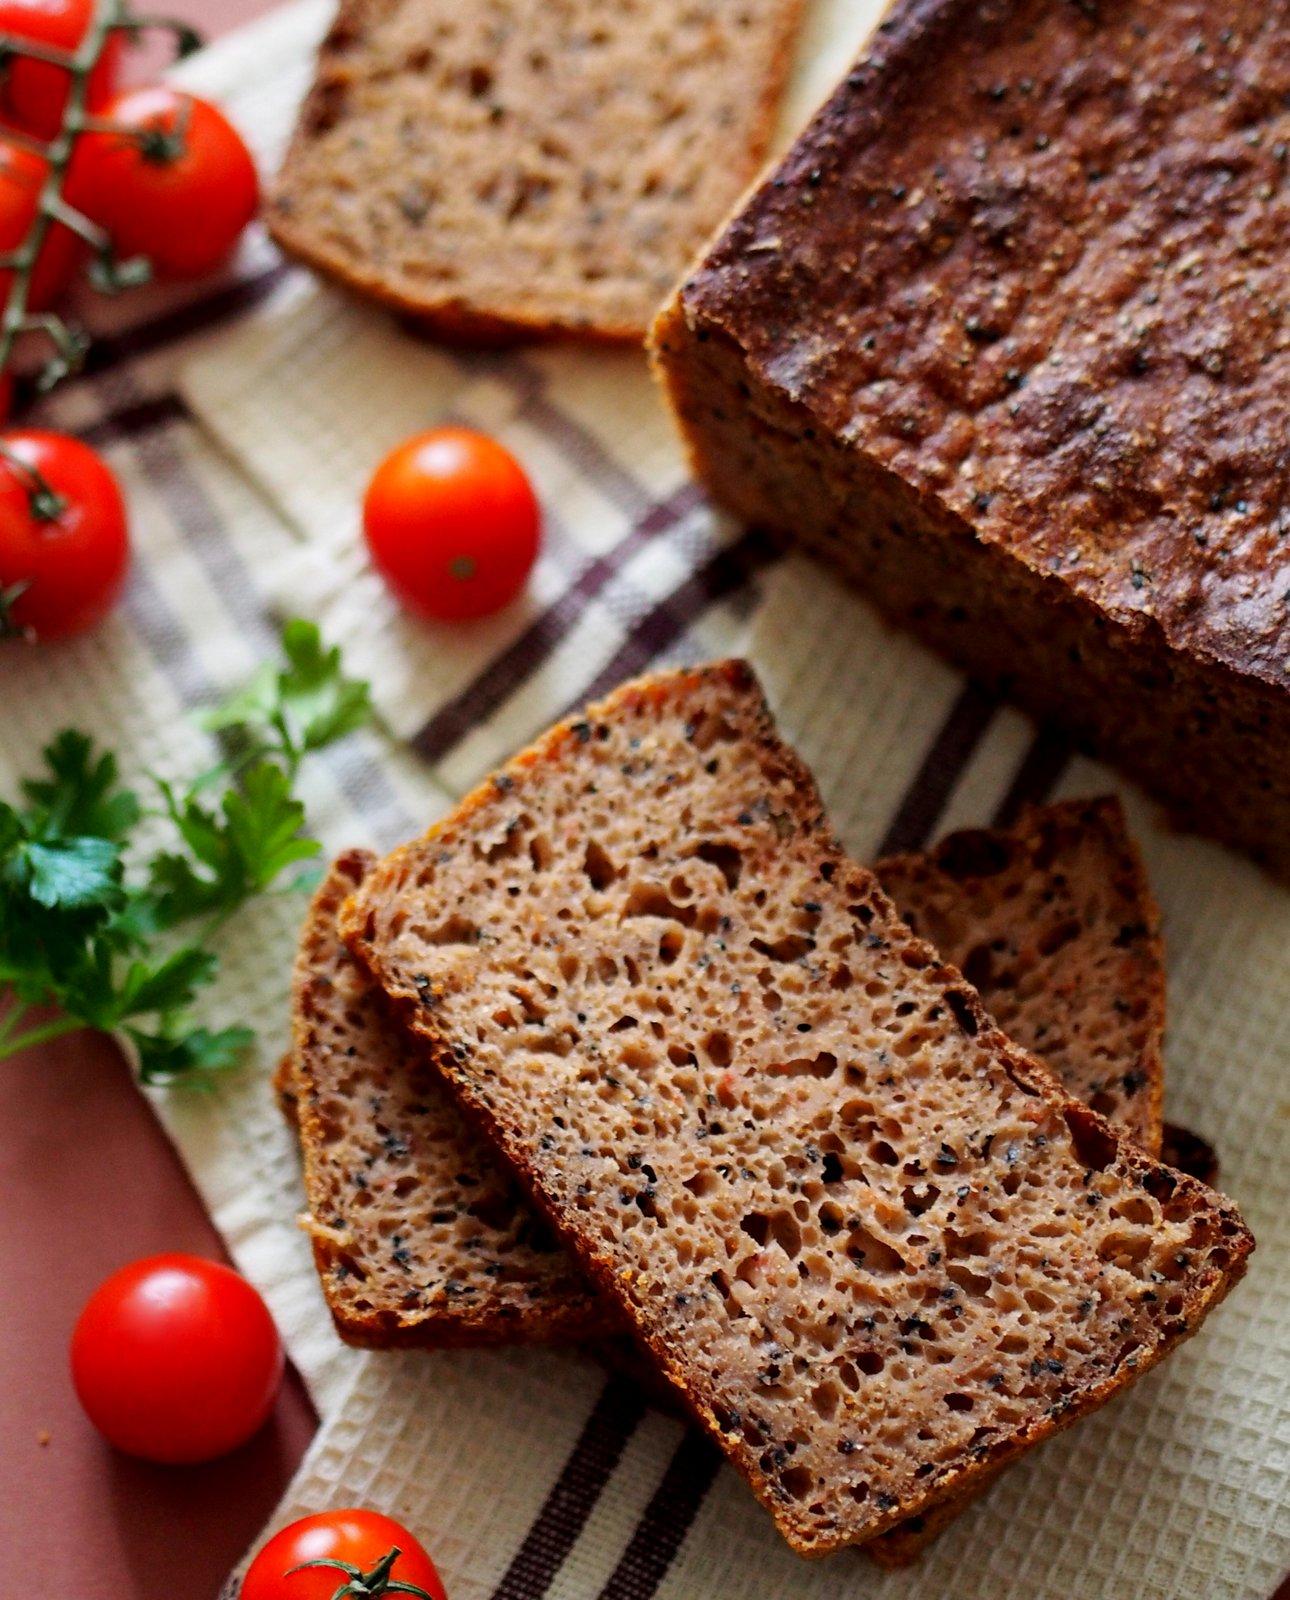 Chleb pszenny z pomidorami, jabłkiem i czarnym sezamem. Wypiekanie na śniadanie